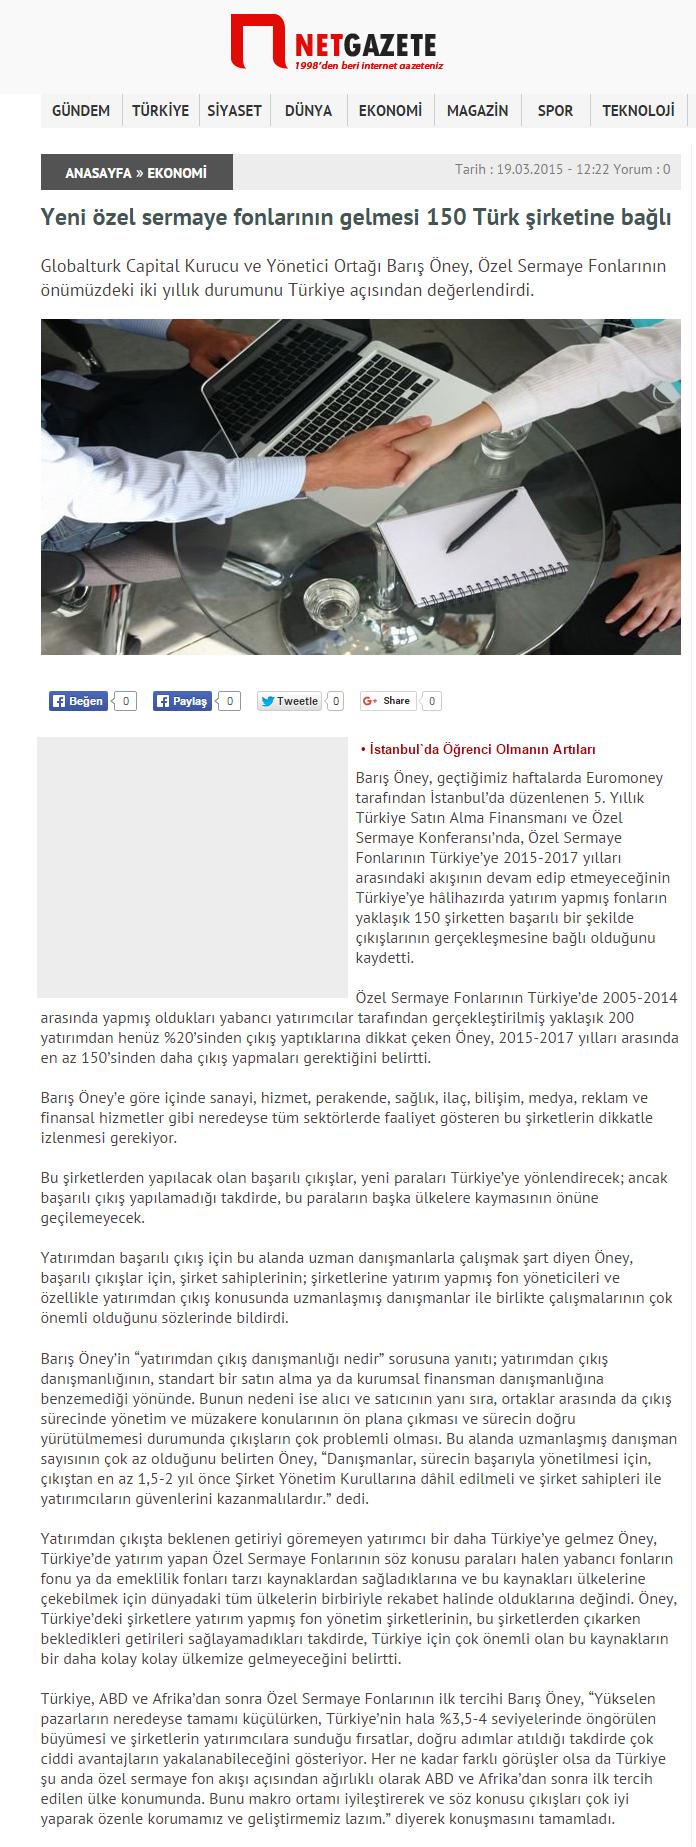 Yeni Özel Sermaye Fonlarının Gelmesi 150 Türk Şirketine Bağlı | Netgazete.com